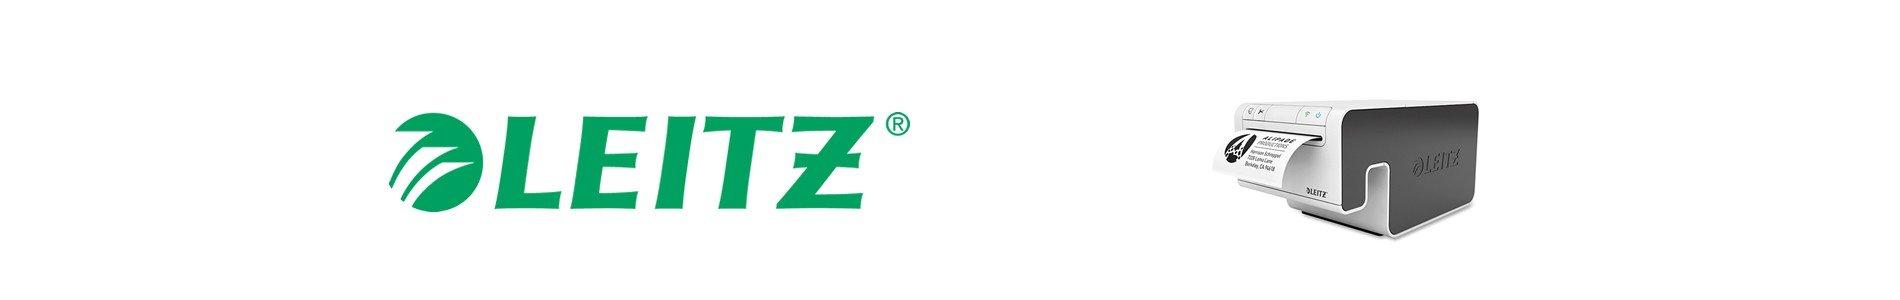 Leitz slider 2